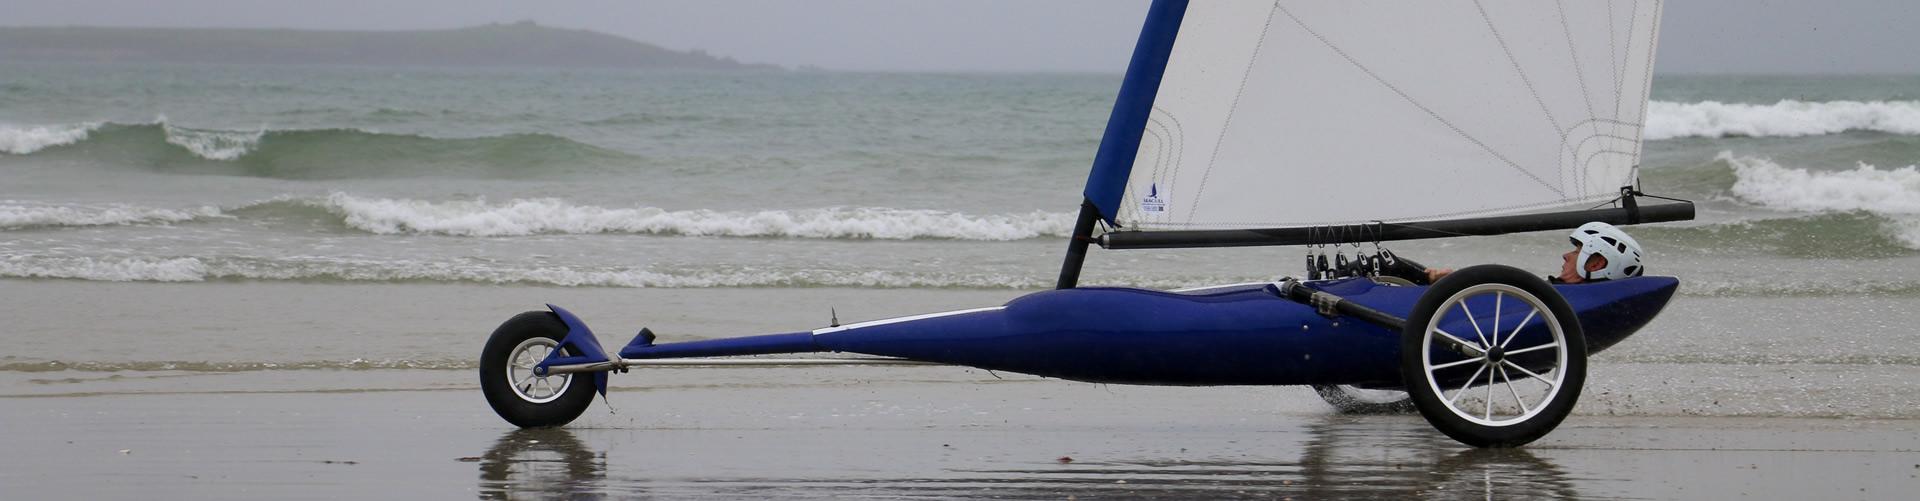 seagull_char_voile_slide_1